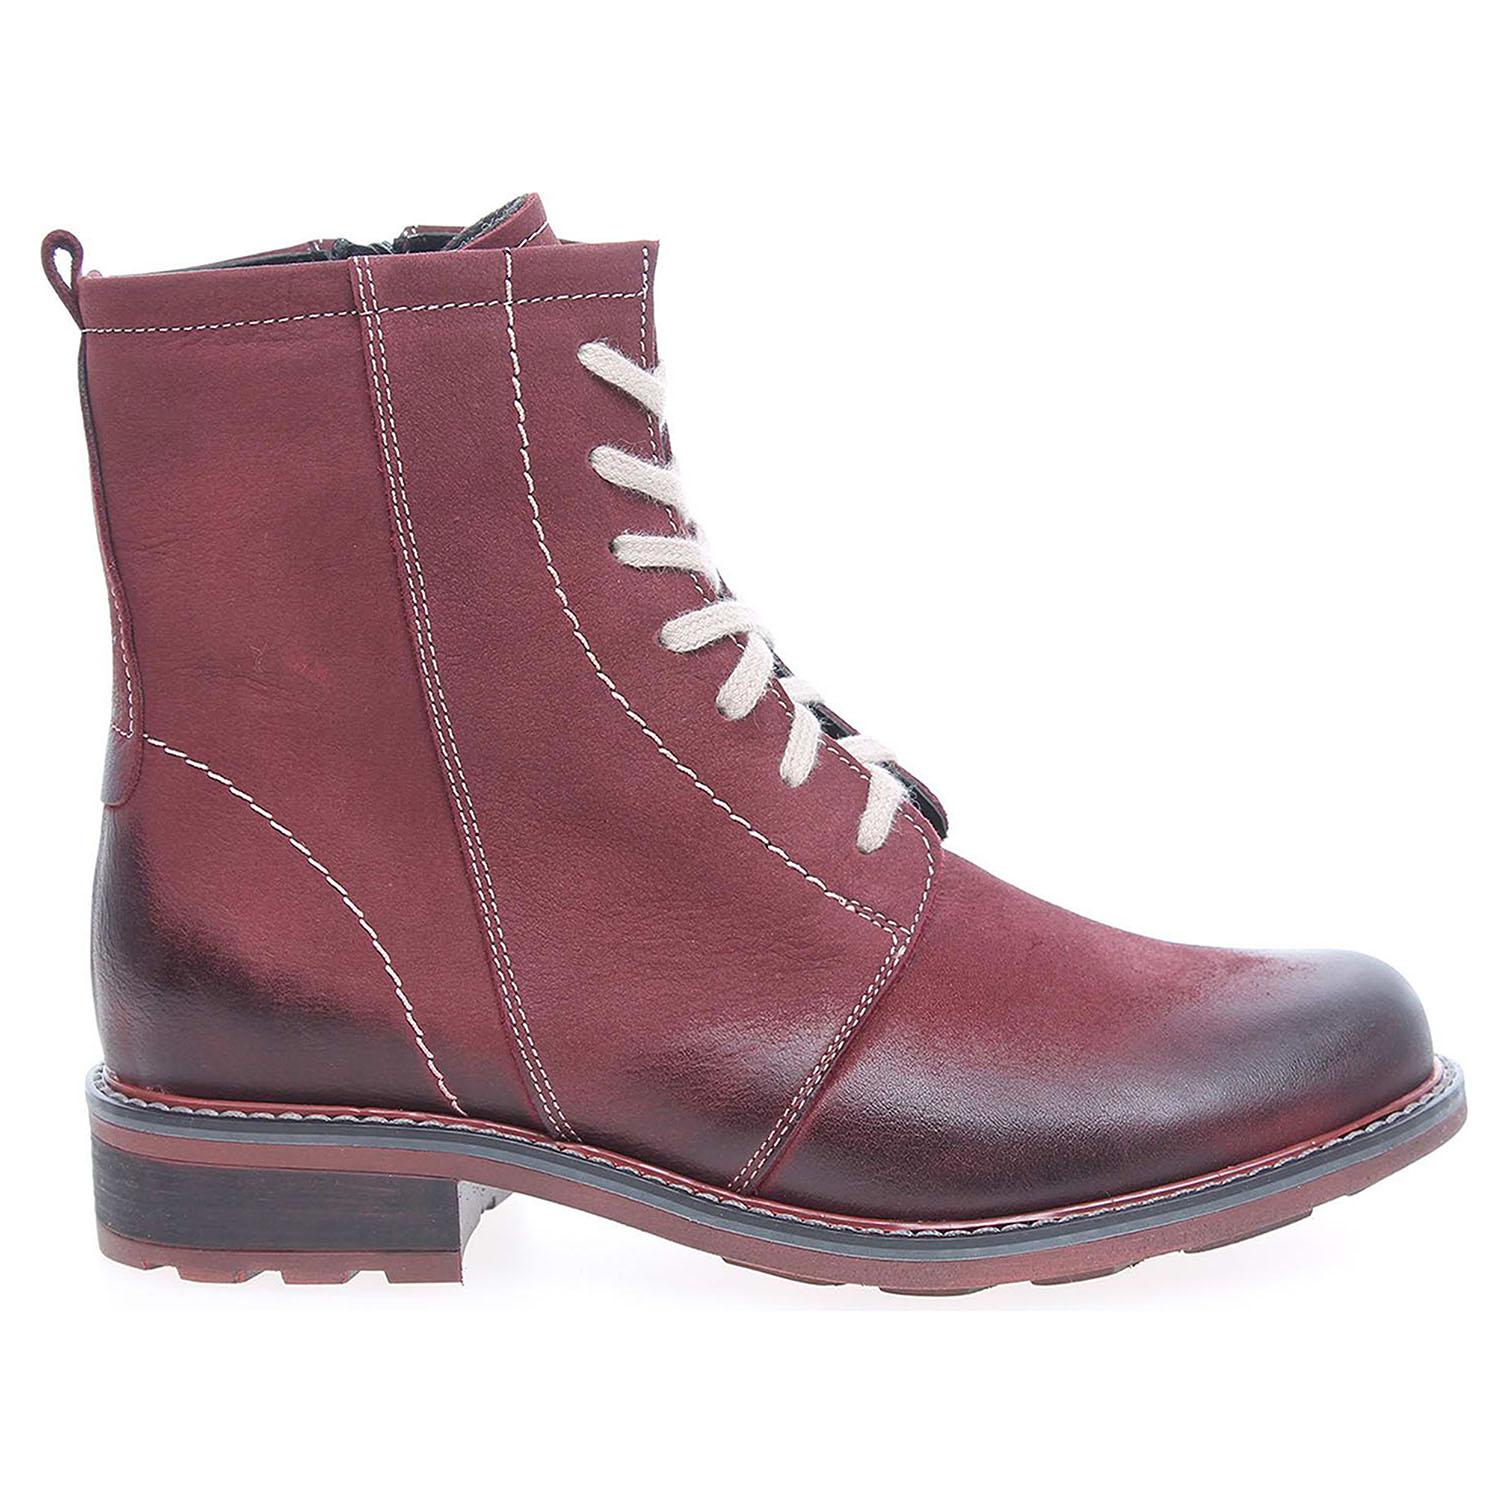 Ecco Dámská kotníková obuv J3085 bordo 22400537